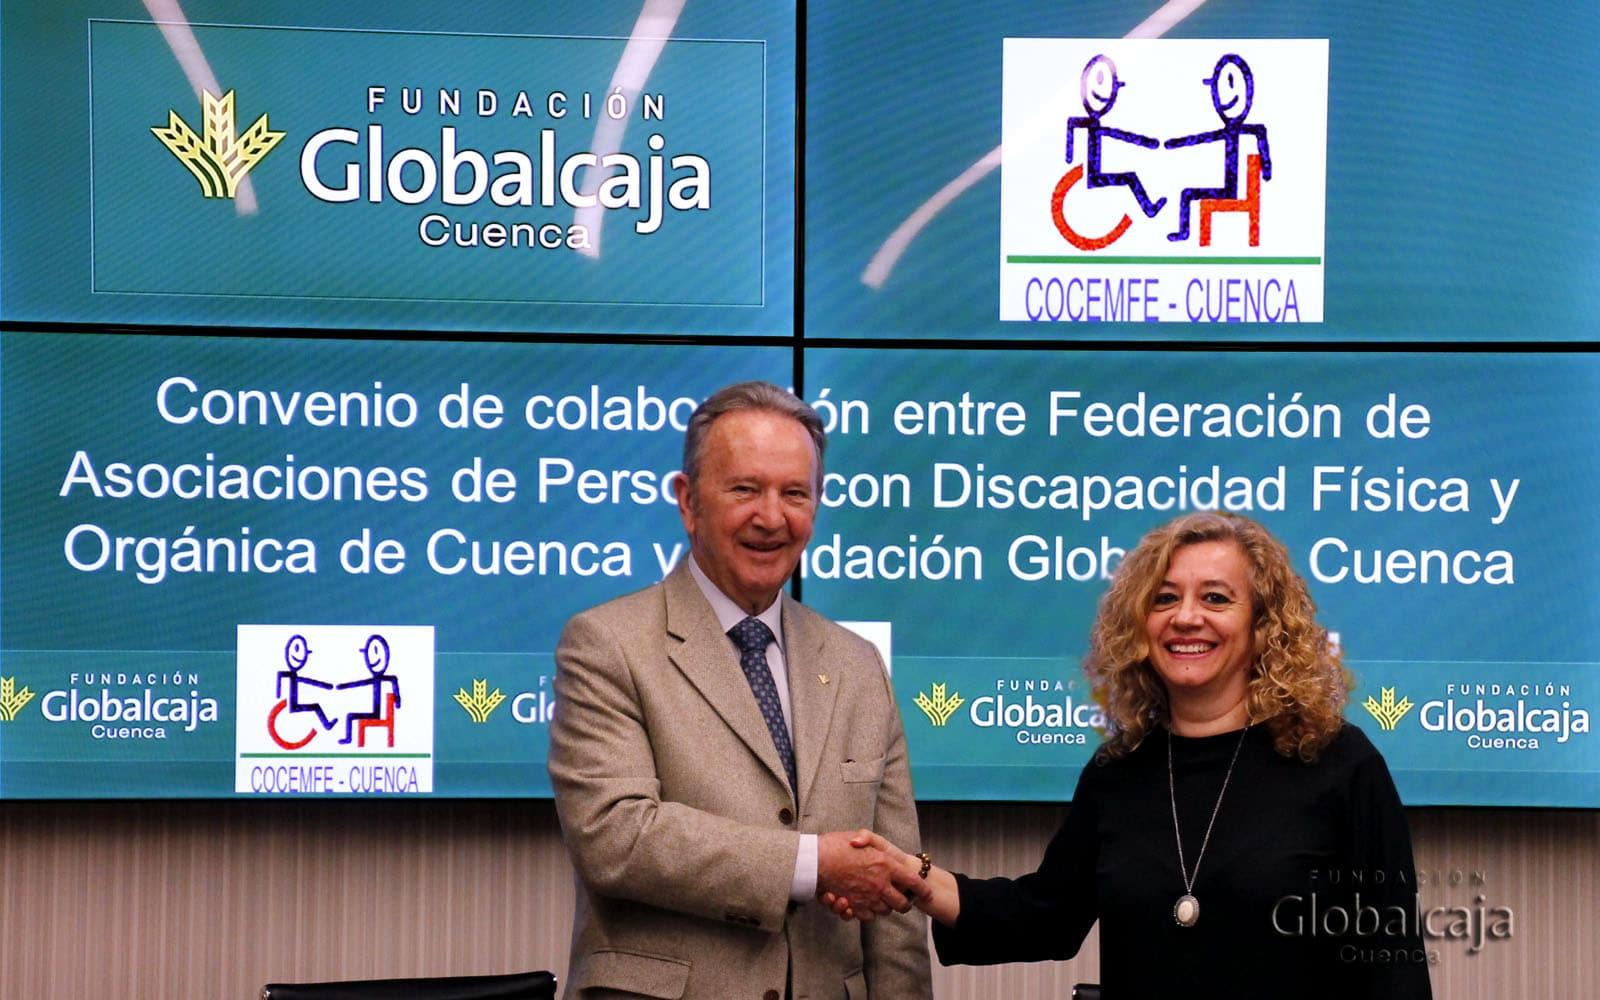 https://blog.globalcaja.es/wp-content/uploads/2017/09/COCEMFE-Y-GLOBALCAJA.jpg